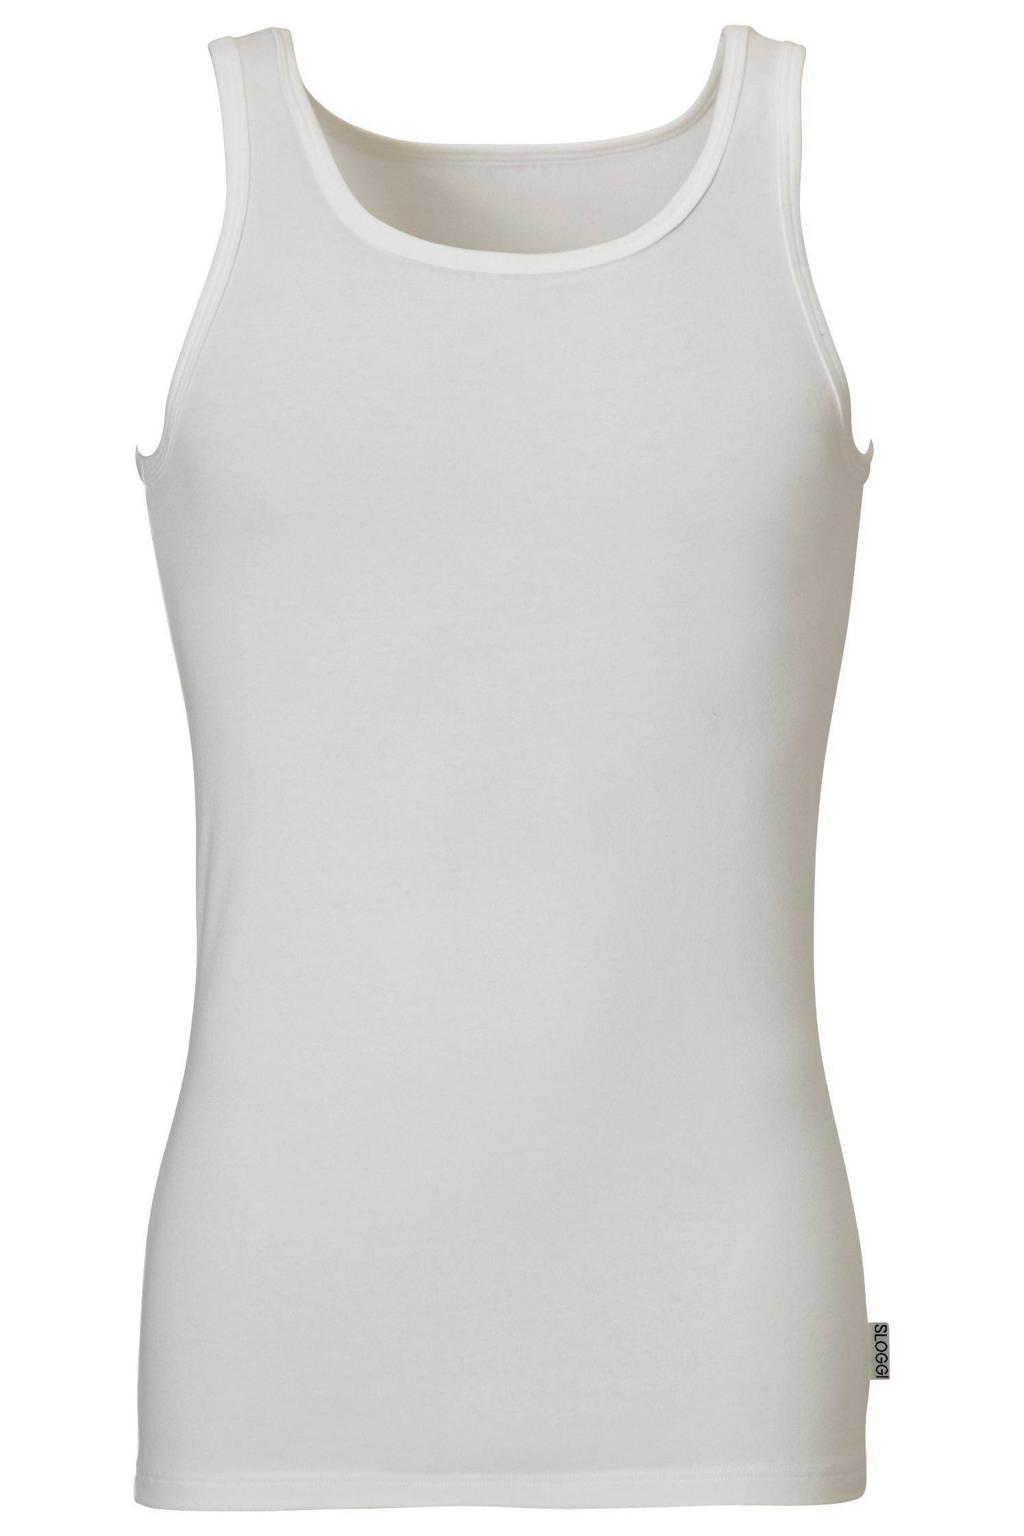 Sloggi Men Basic hemd wit, Wit